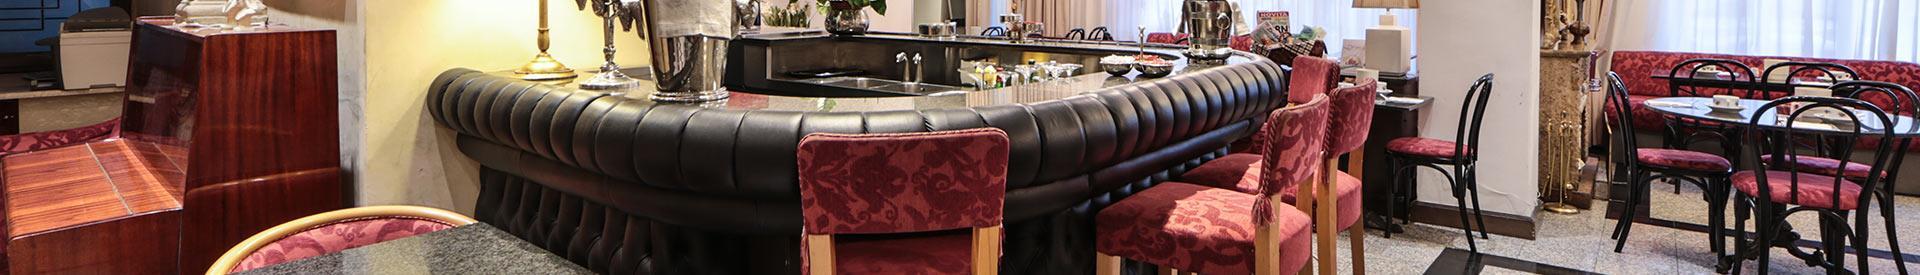 Personalizza il tuo soggiorno - BW Hotel Rivoli Roma - hotel 4 ...